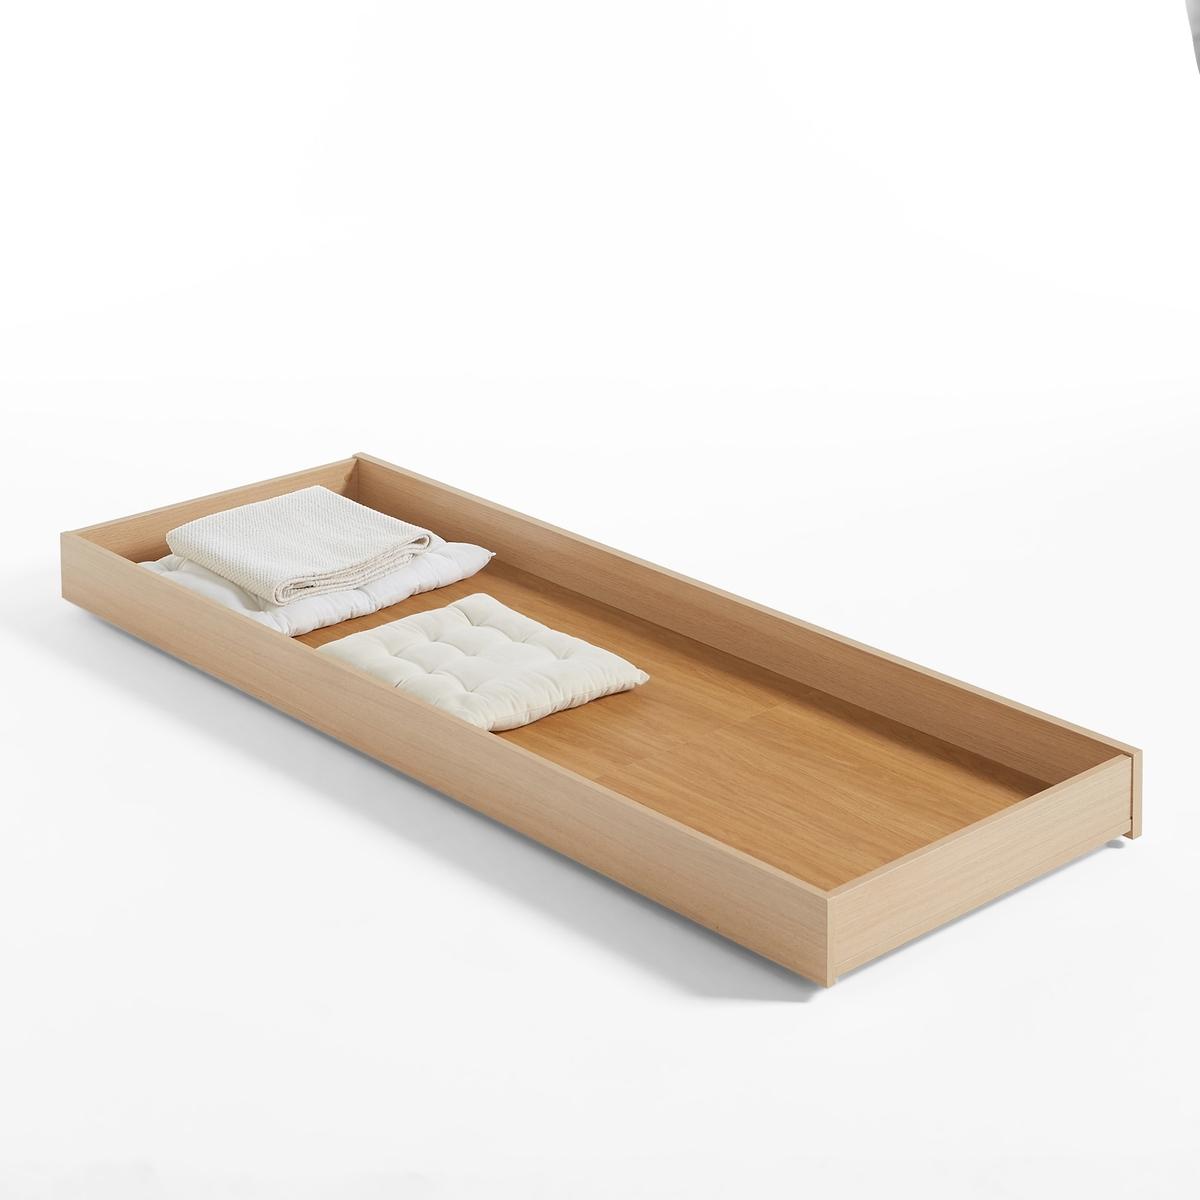 Ящик для хранения под кроватью SABIL jd коллекция дефолт обновление раздела ящик для хранения небольшого ящика 3